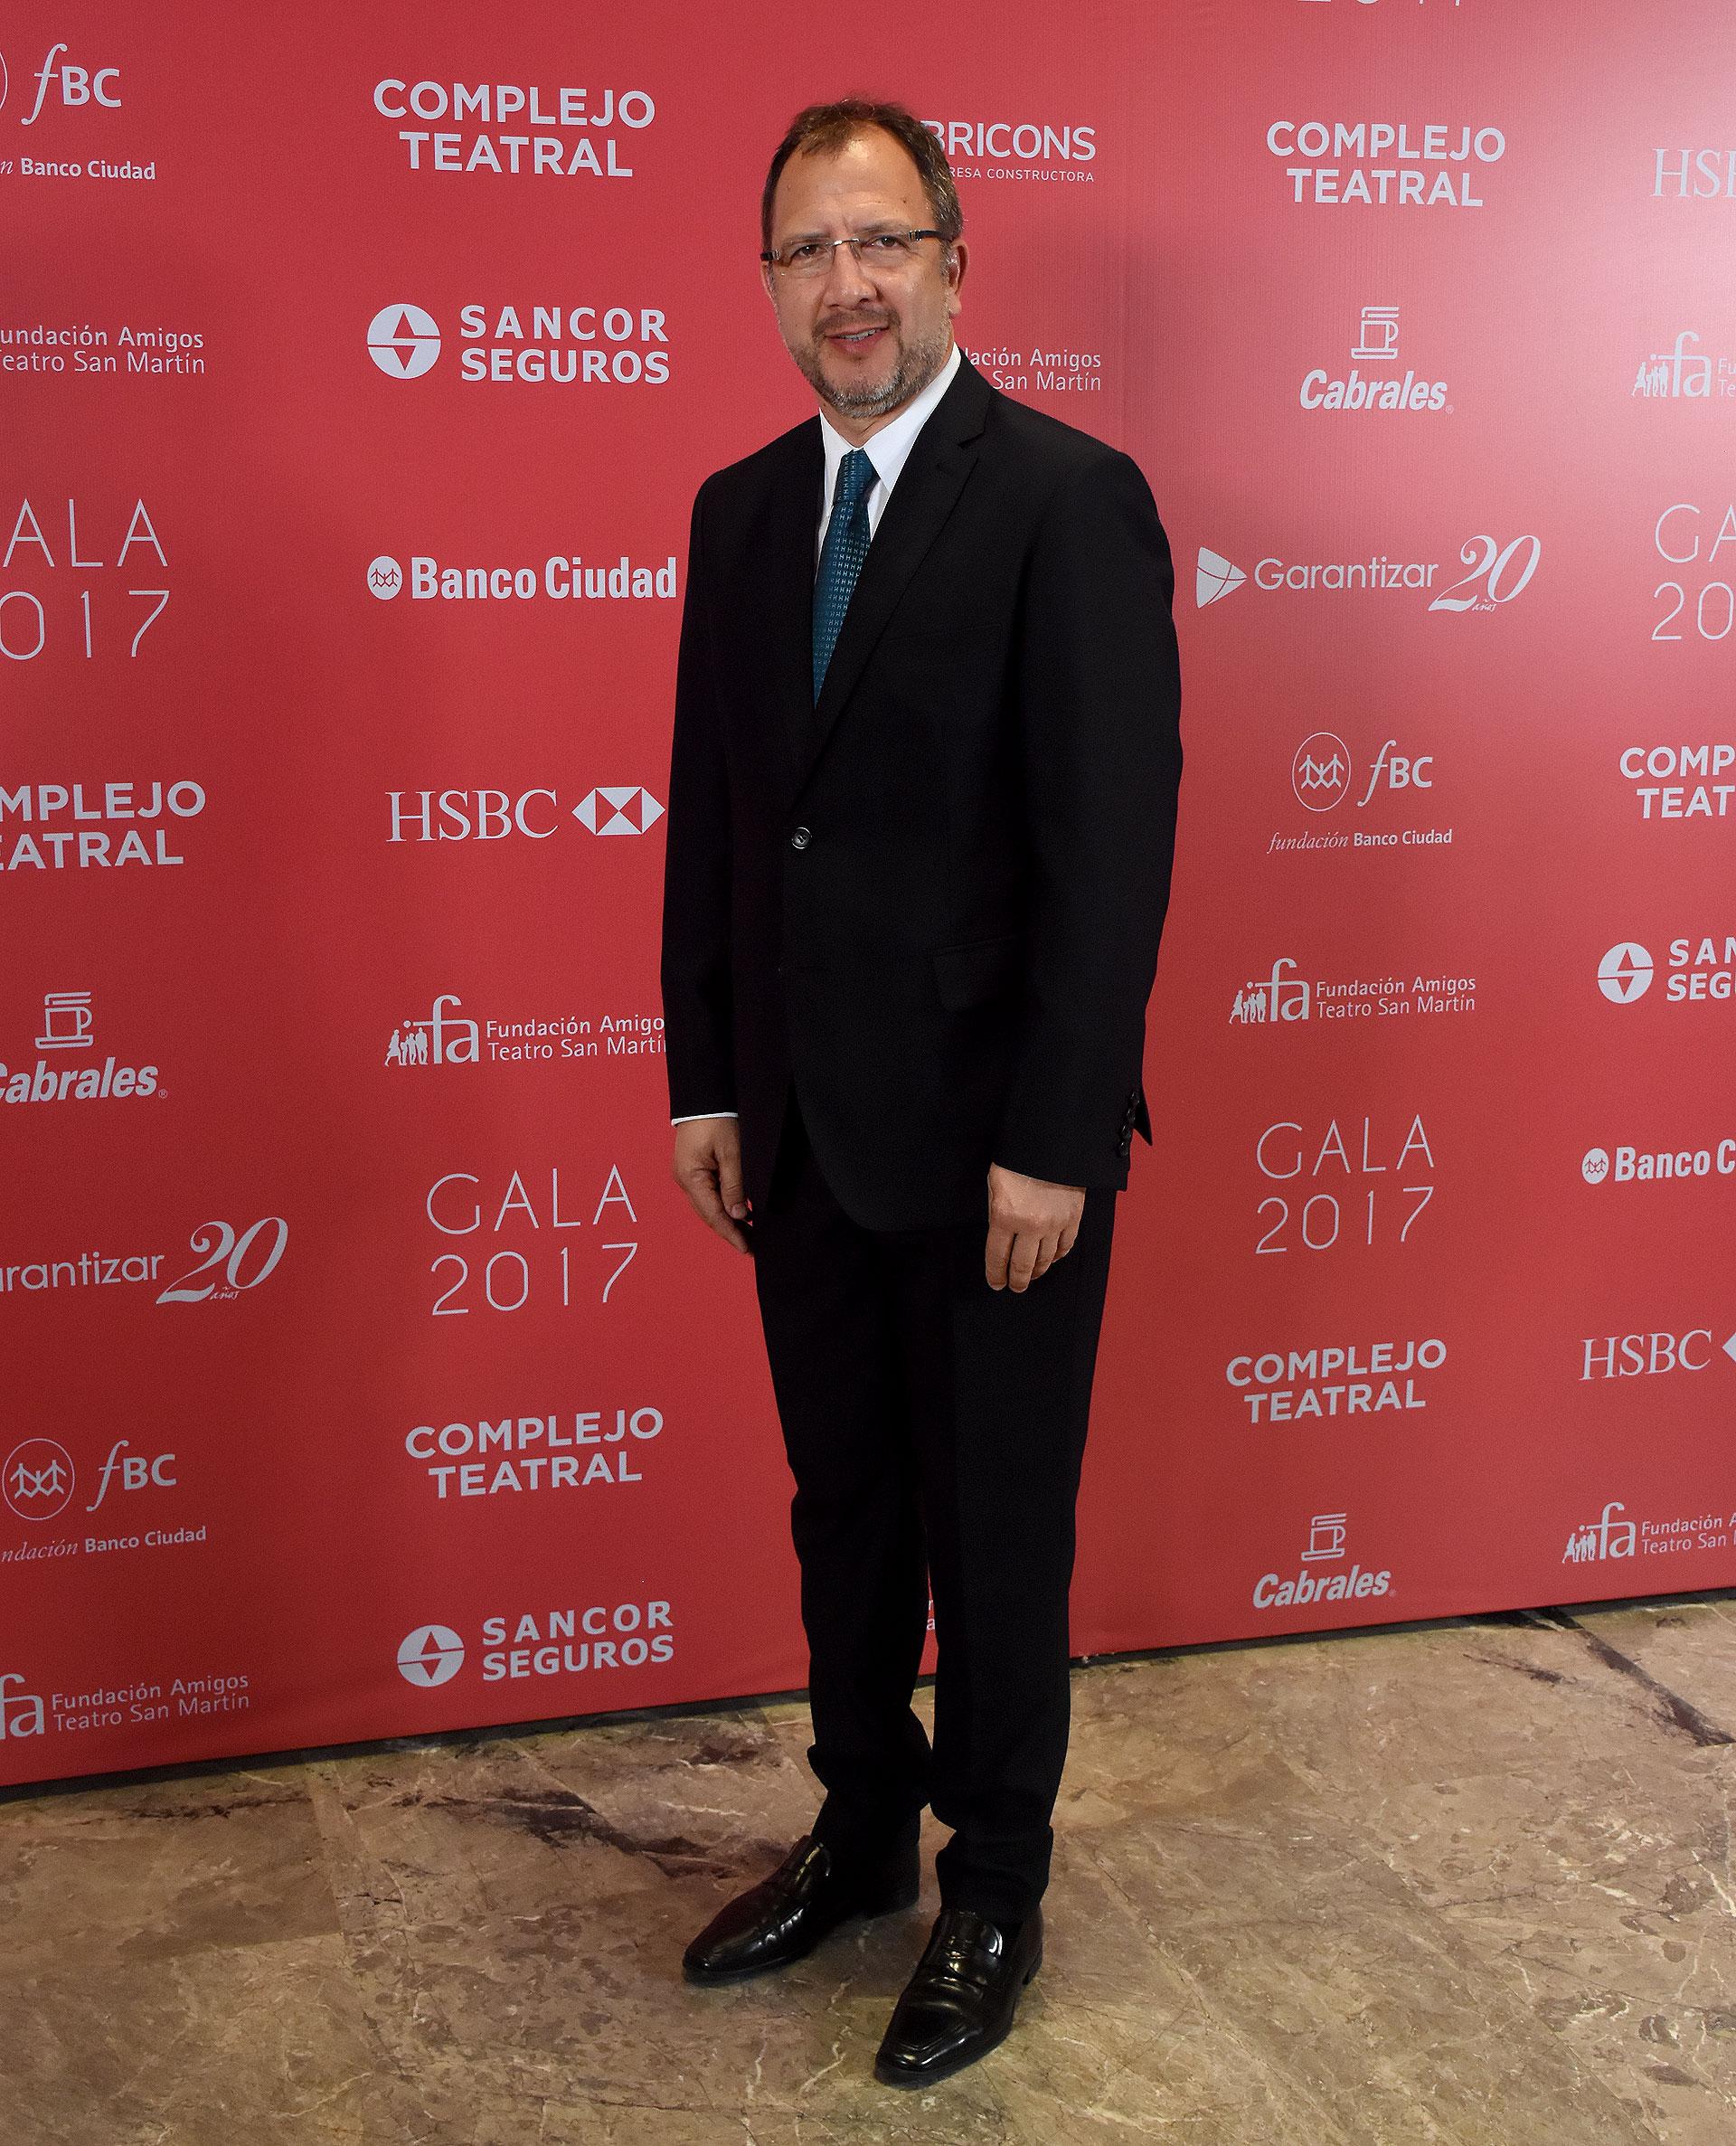 Fabián Perechodnik, Secretario General de la Gobernación de la provincia de Buenos Aires